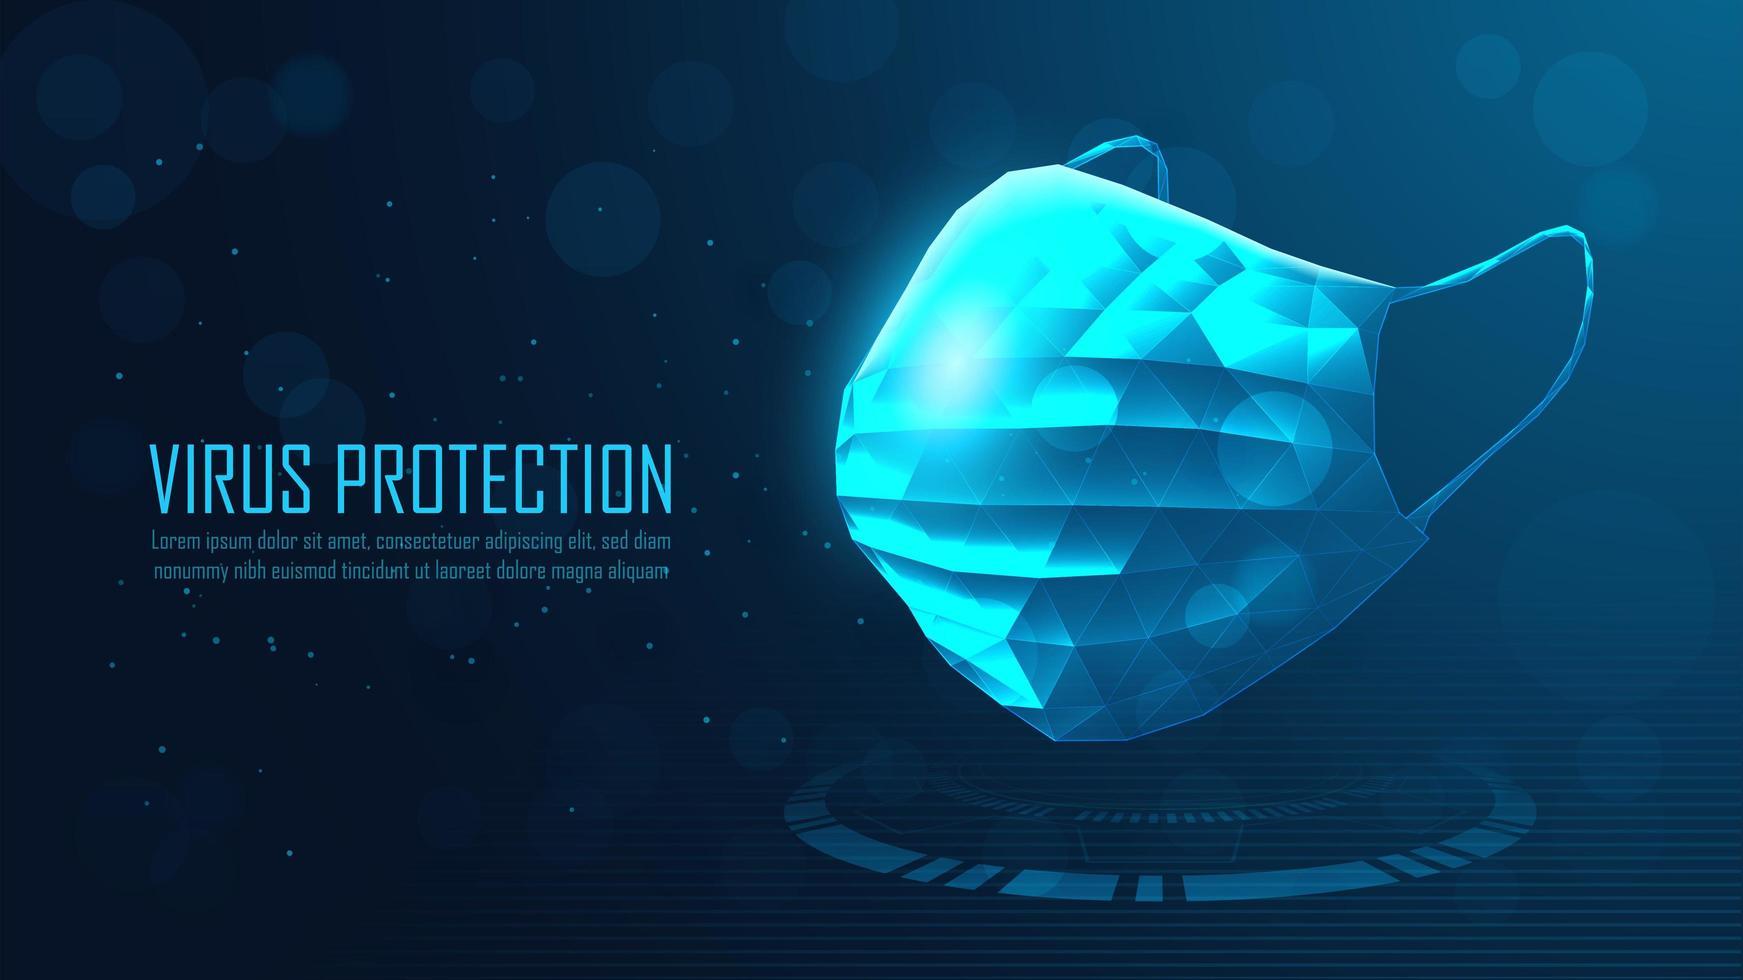 chirurgisches Maskendesign des leuchtend blauen Polygons vektor